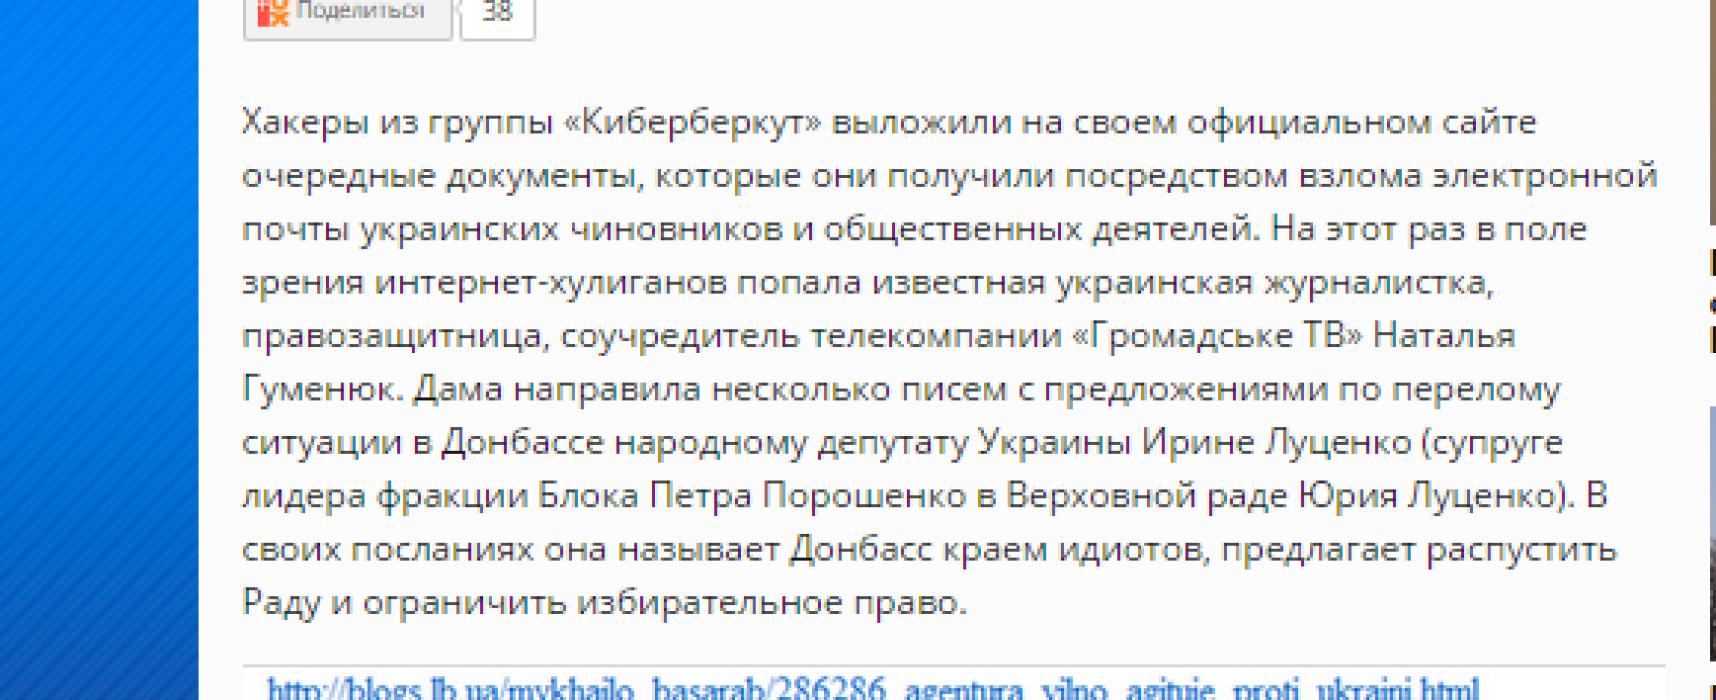 Фейк: журналистка Наталья Гуменюк предложила лишить права голоса часть украинцев